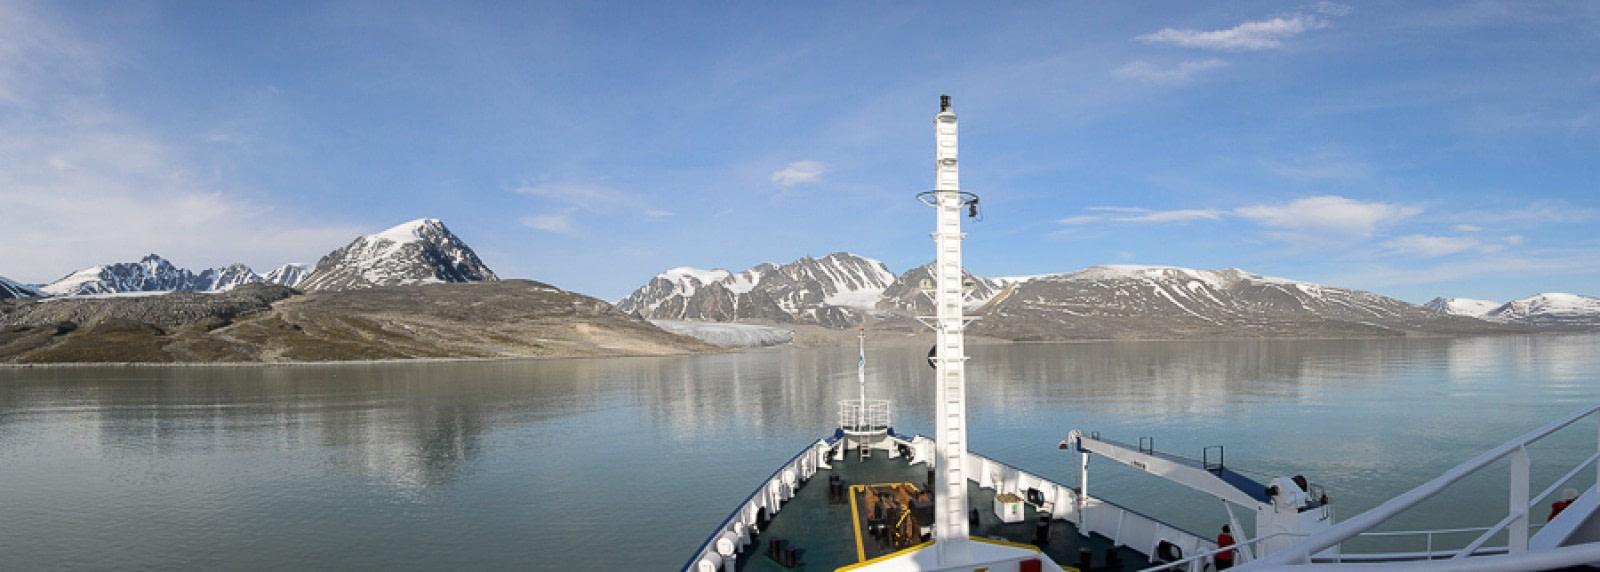 Bockfjord